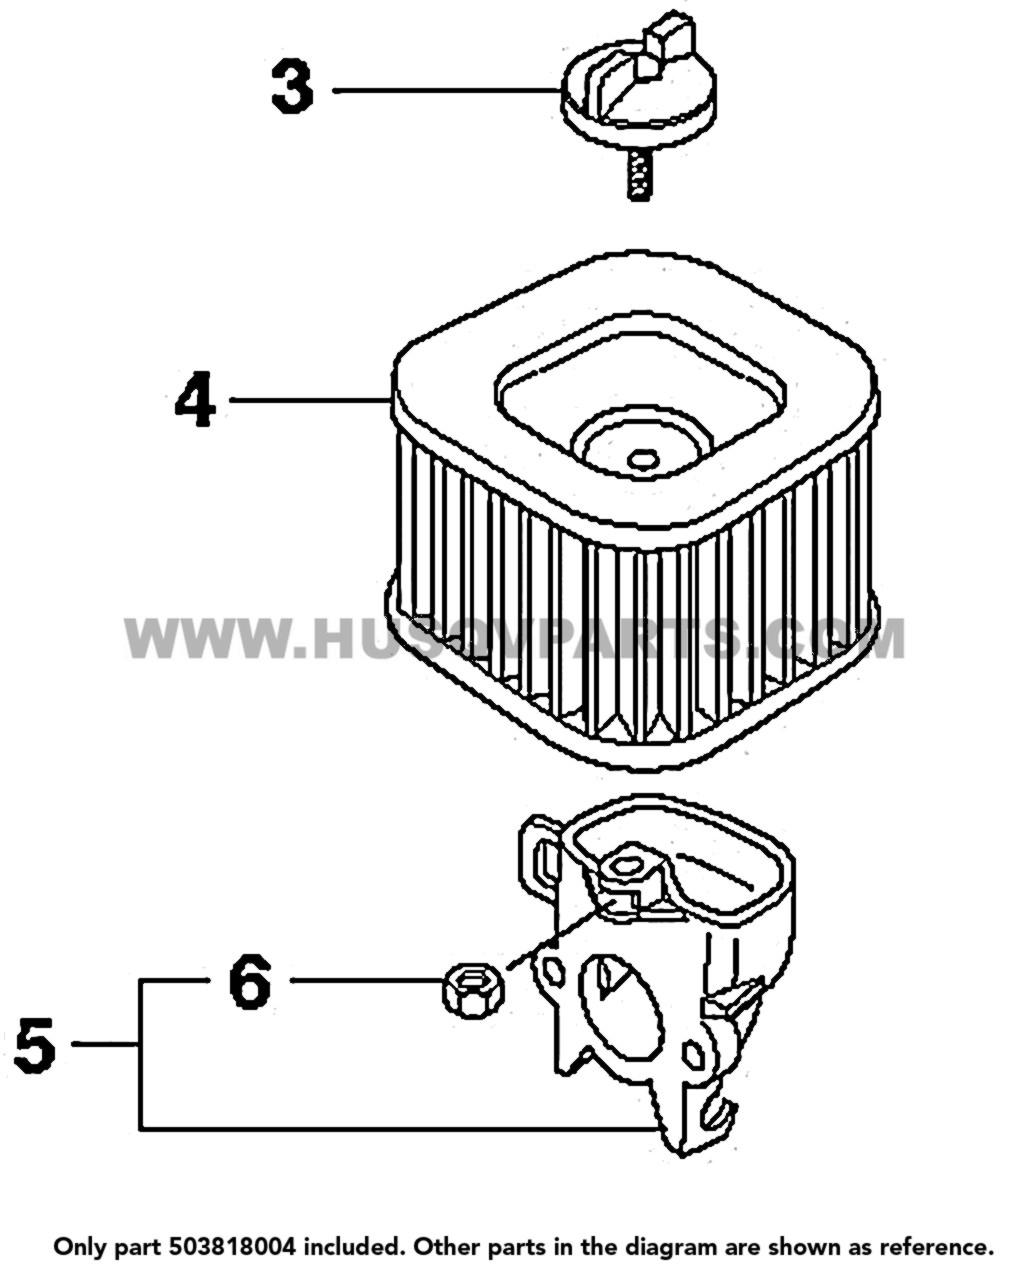 Parts lookup Husqvarna 372XP Air Filter 503818004 diagram